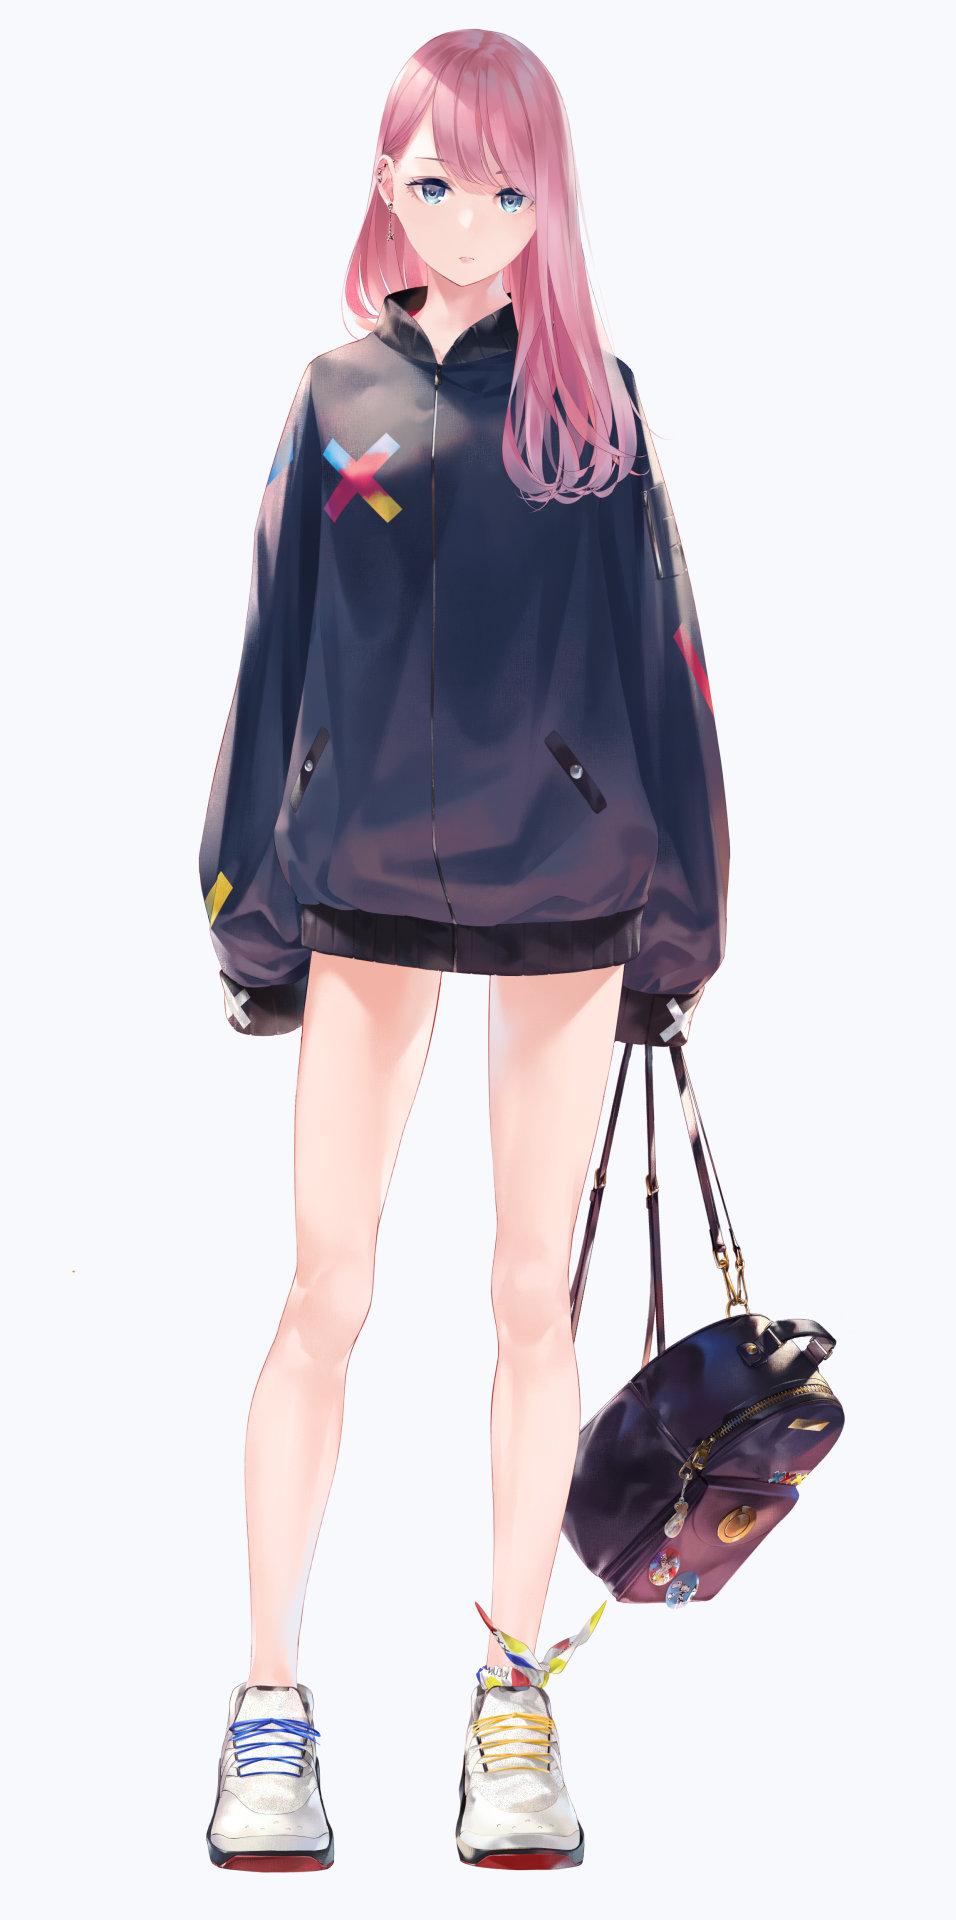 [P站画师] 日本画师爽々的插画作品,画风比较柔和 P站画师-第3张